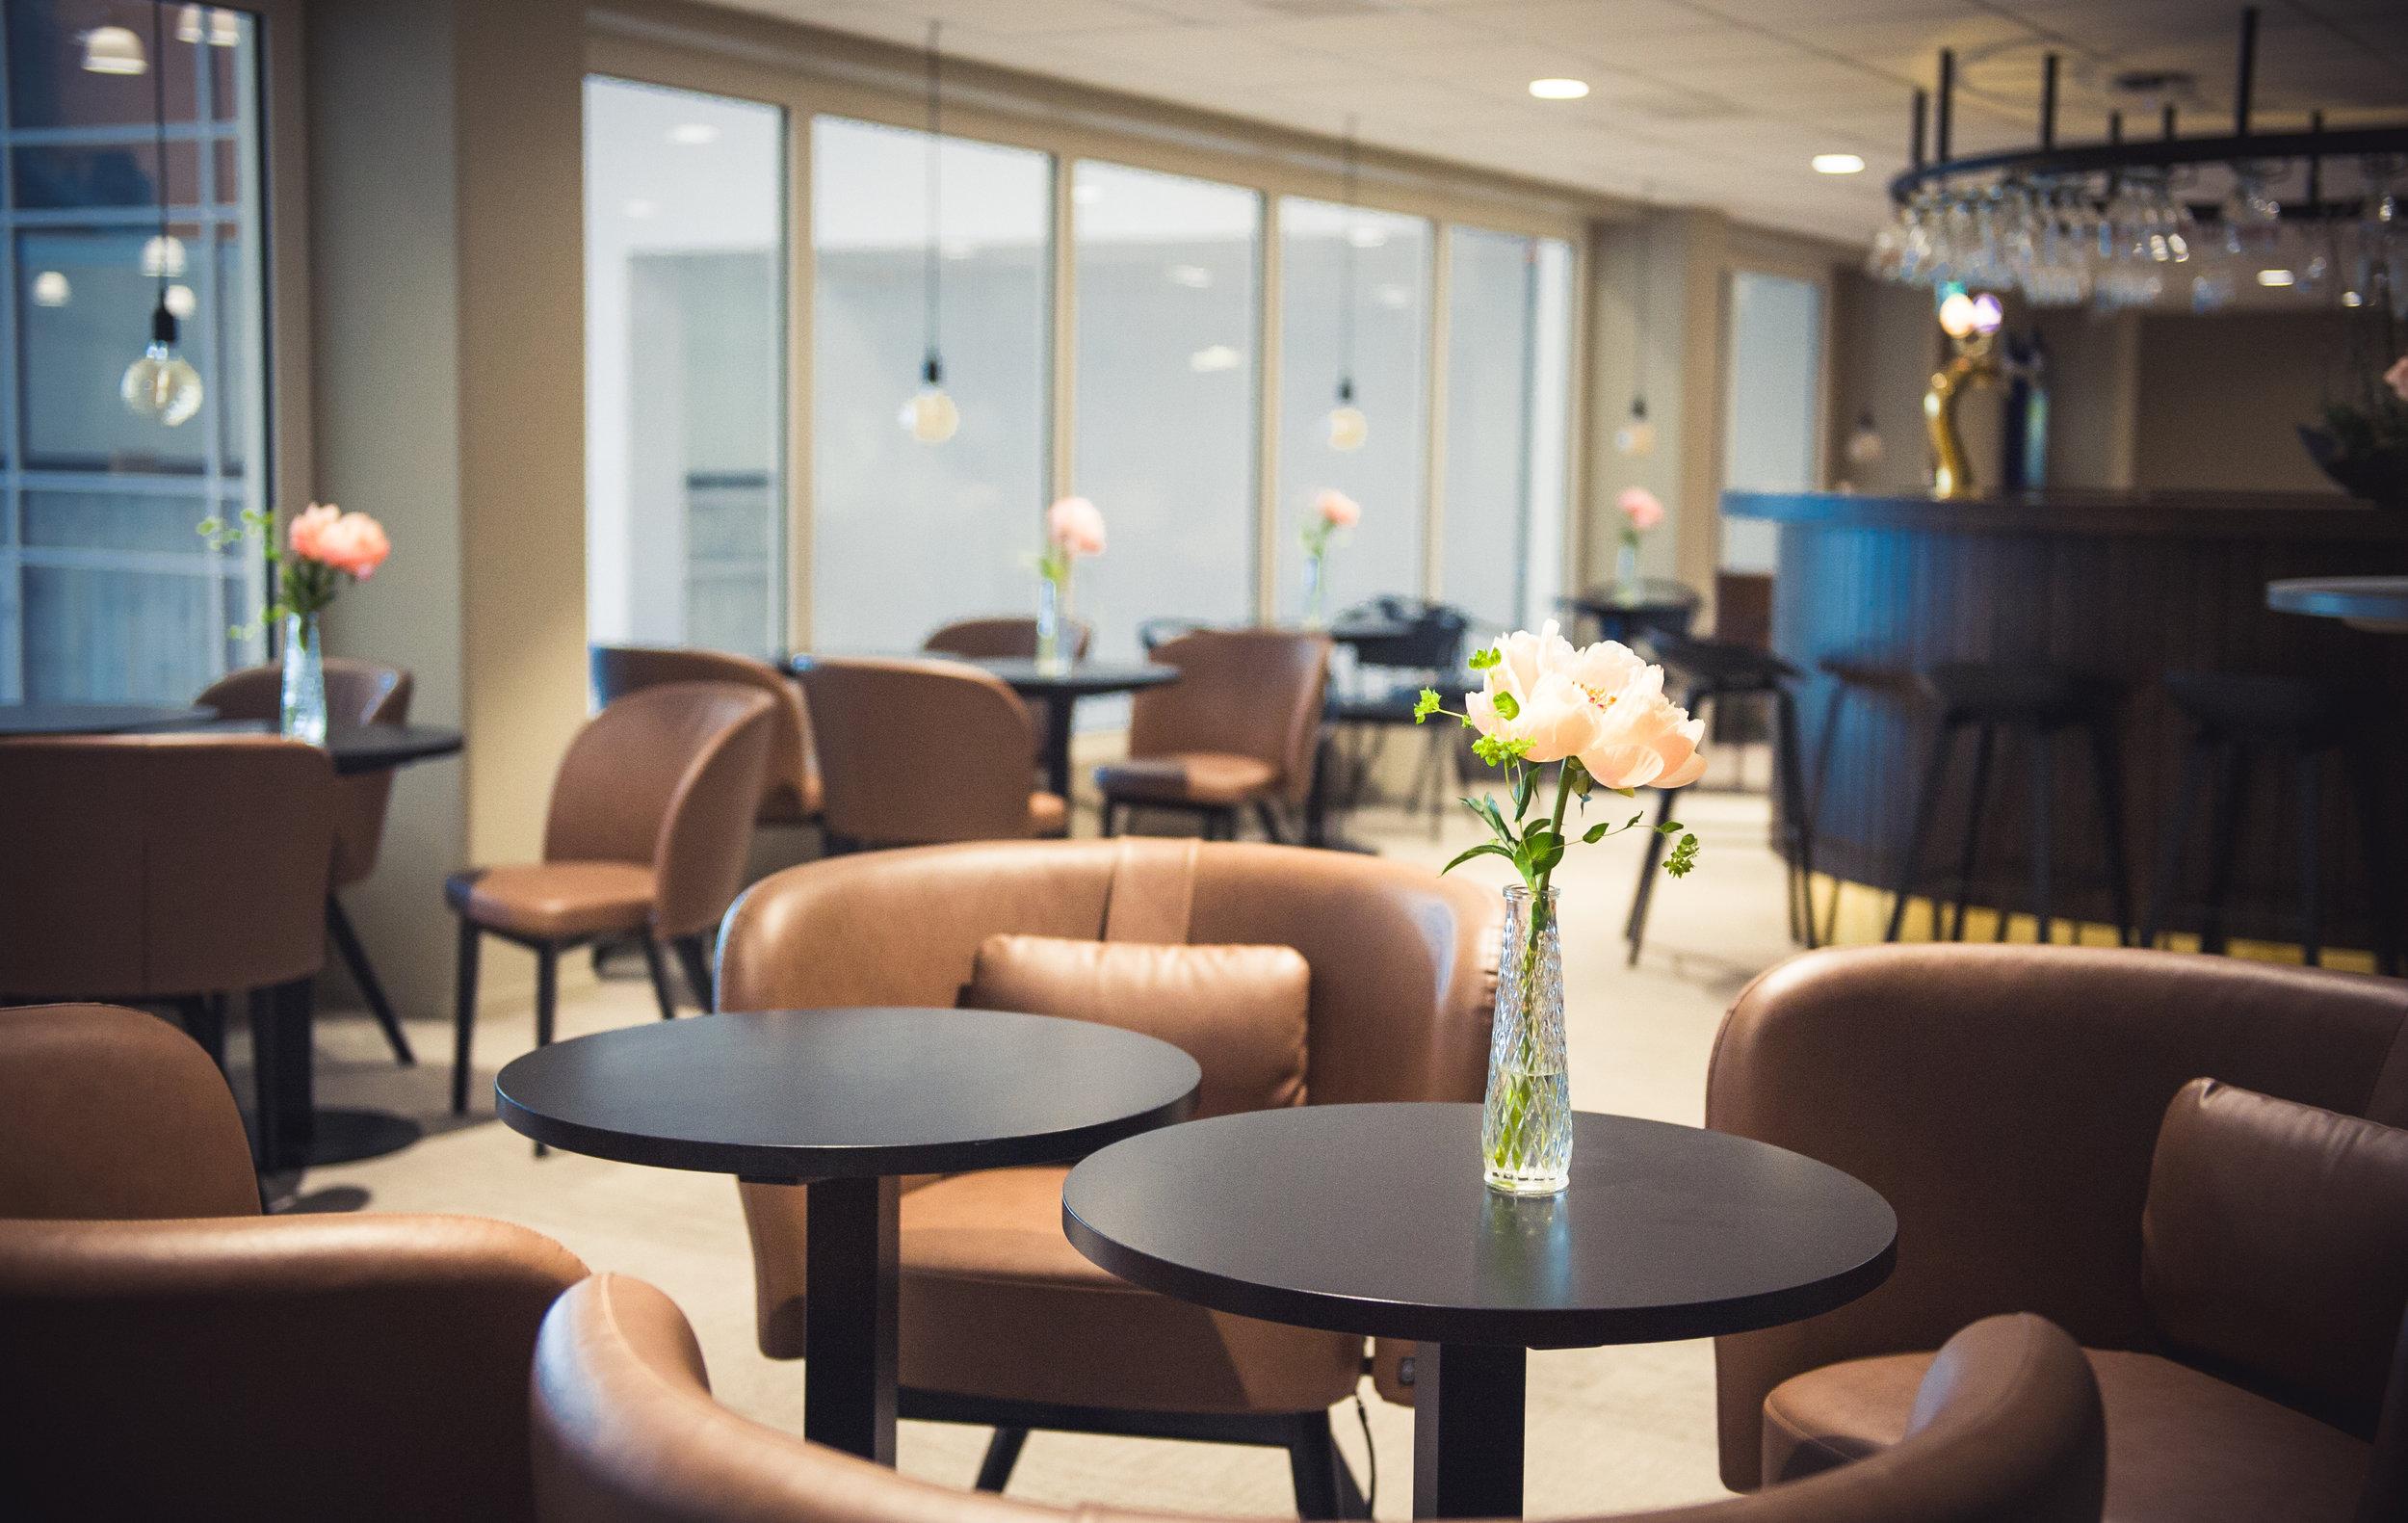 Åby Loger - På travkvällar så förvandlas några av våra mötesrum till loger där du kan sitta avskilt med ditt sällskap eller förening och se på travet och äta en god middag. Med en balkong utanför kan du få känslan vid upploppet och fira med gänget!